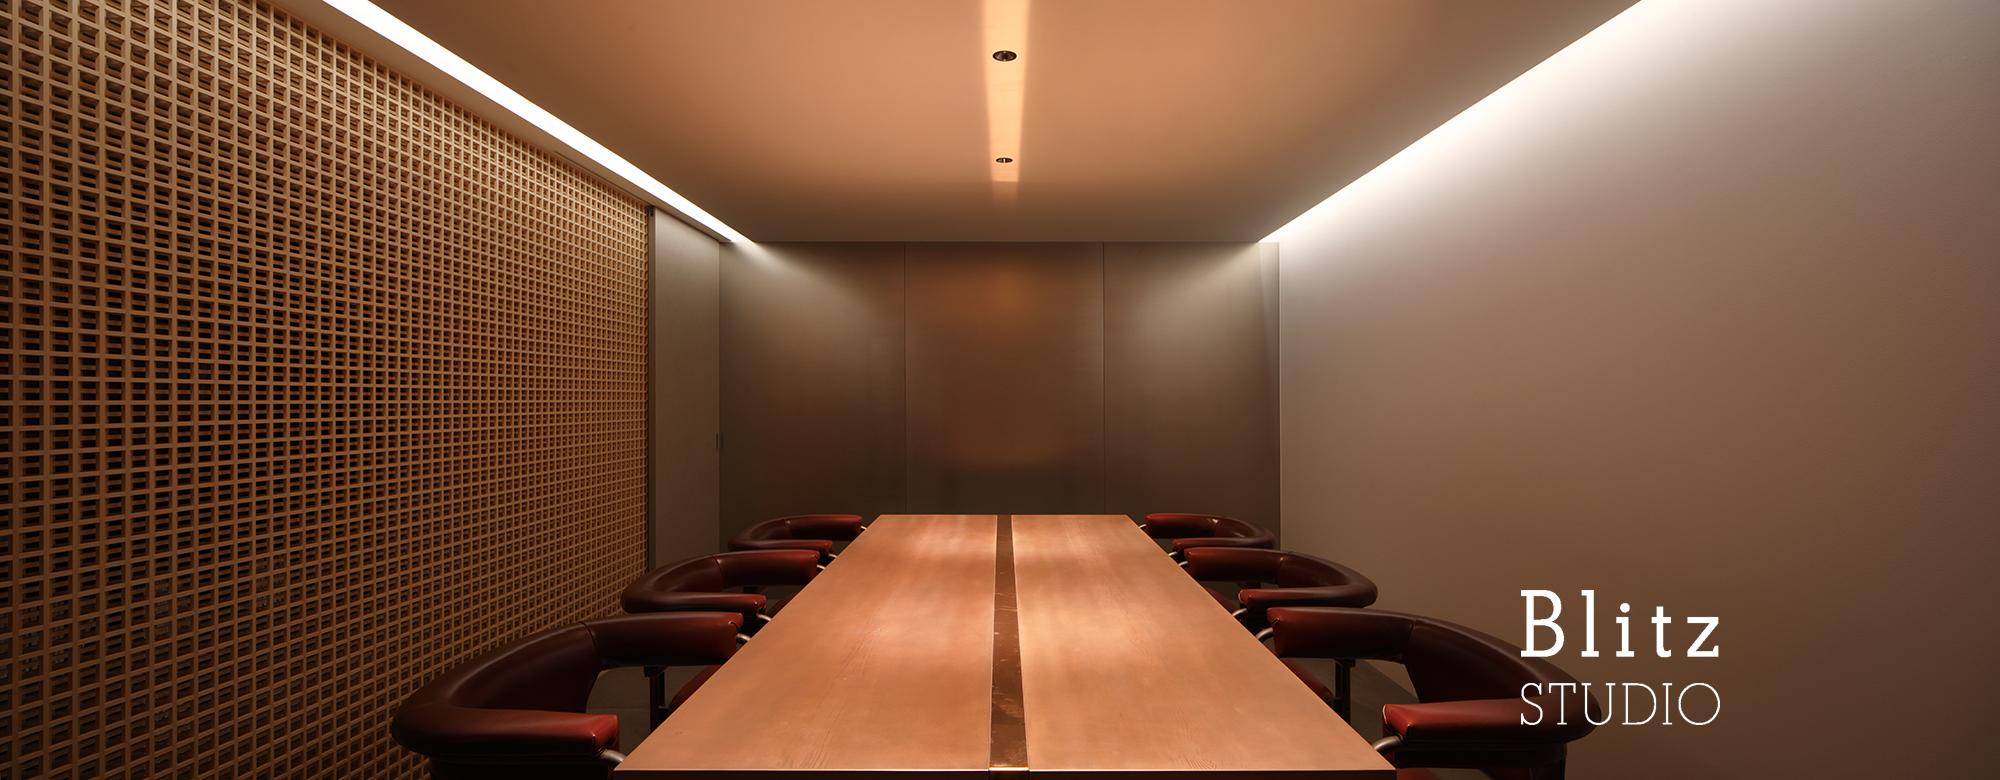 『アーキタンツ福岡一級建築士事務所 オフィス』-福岡県福岡市-建築写真・竣工写真・インテリア写真5